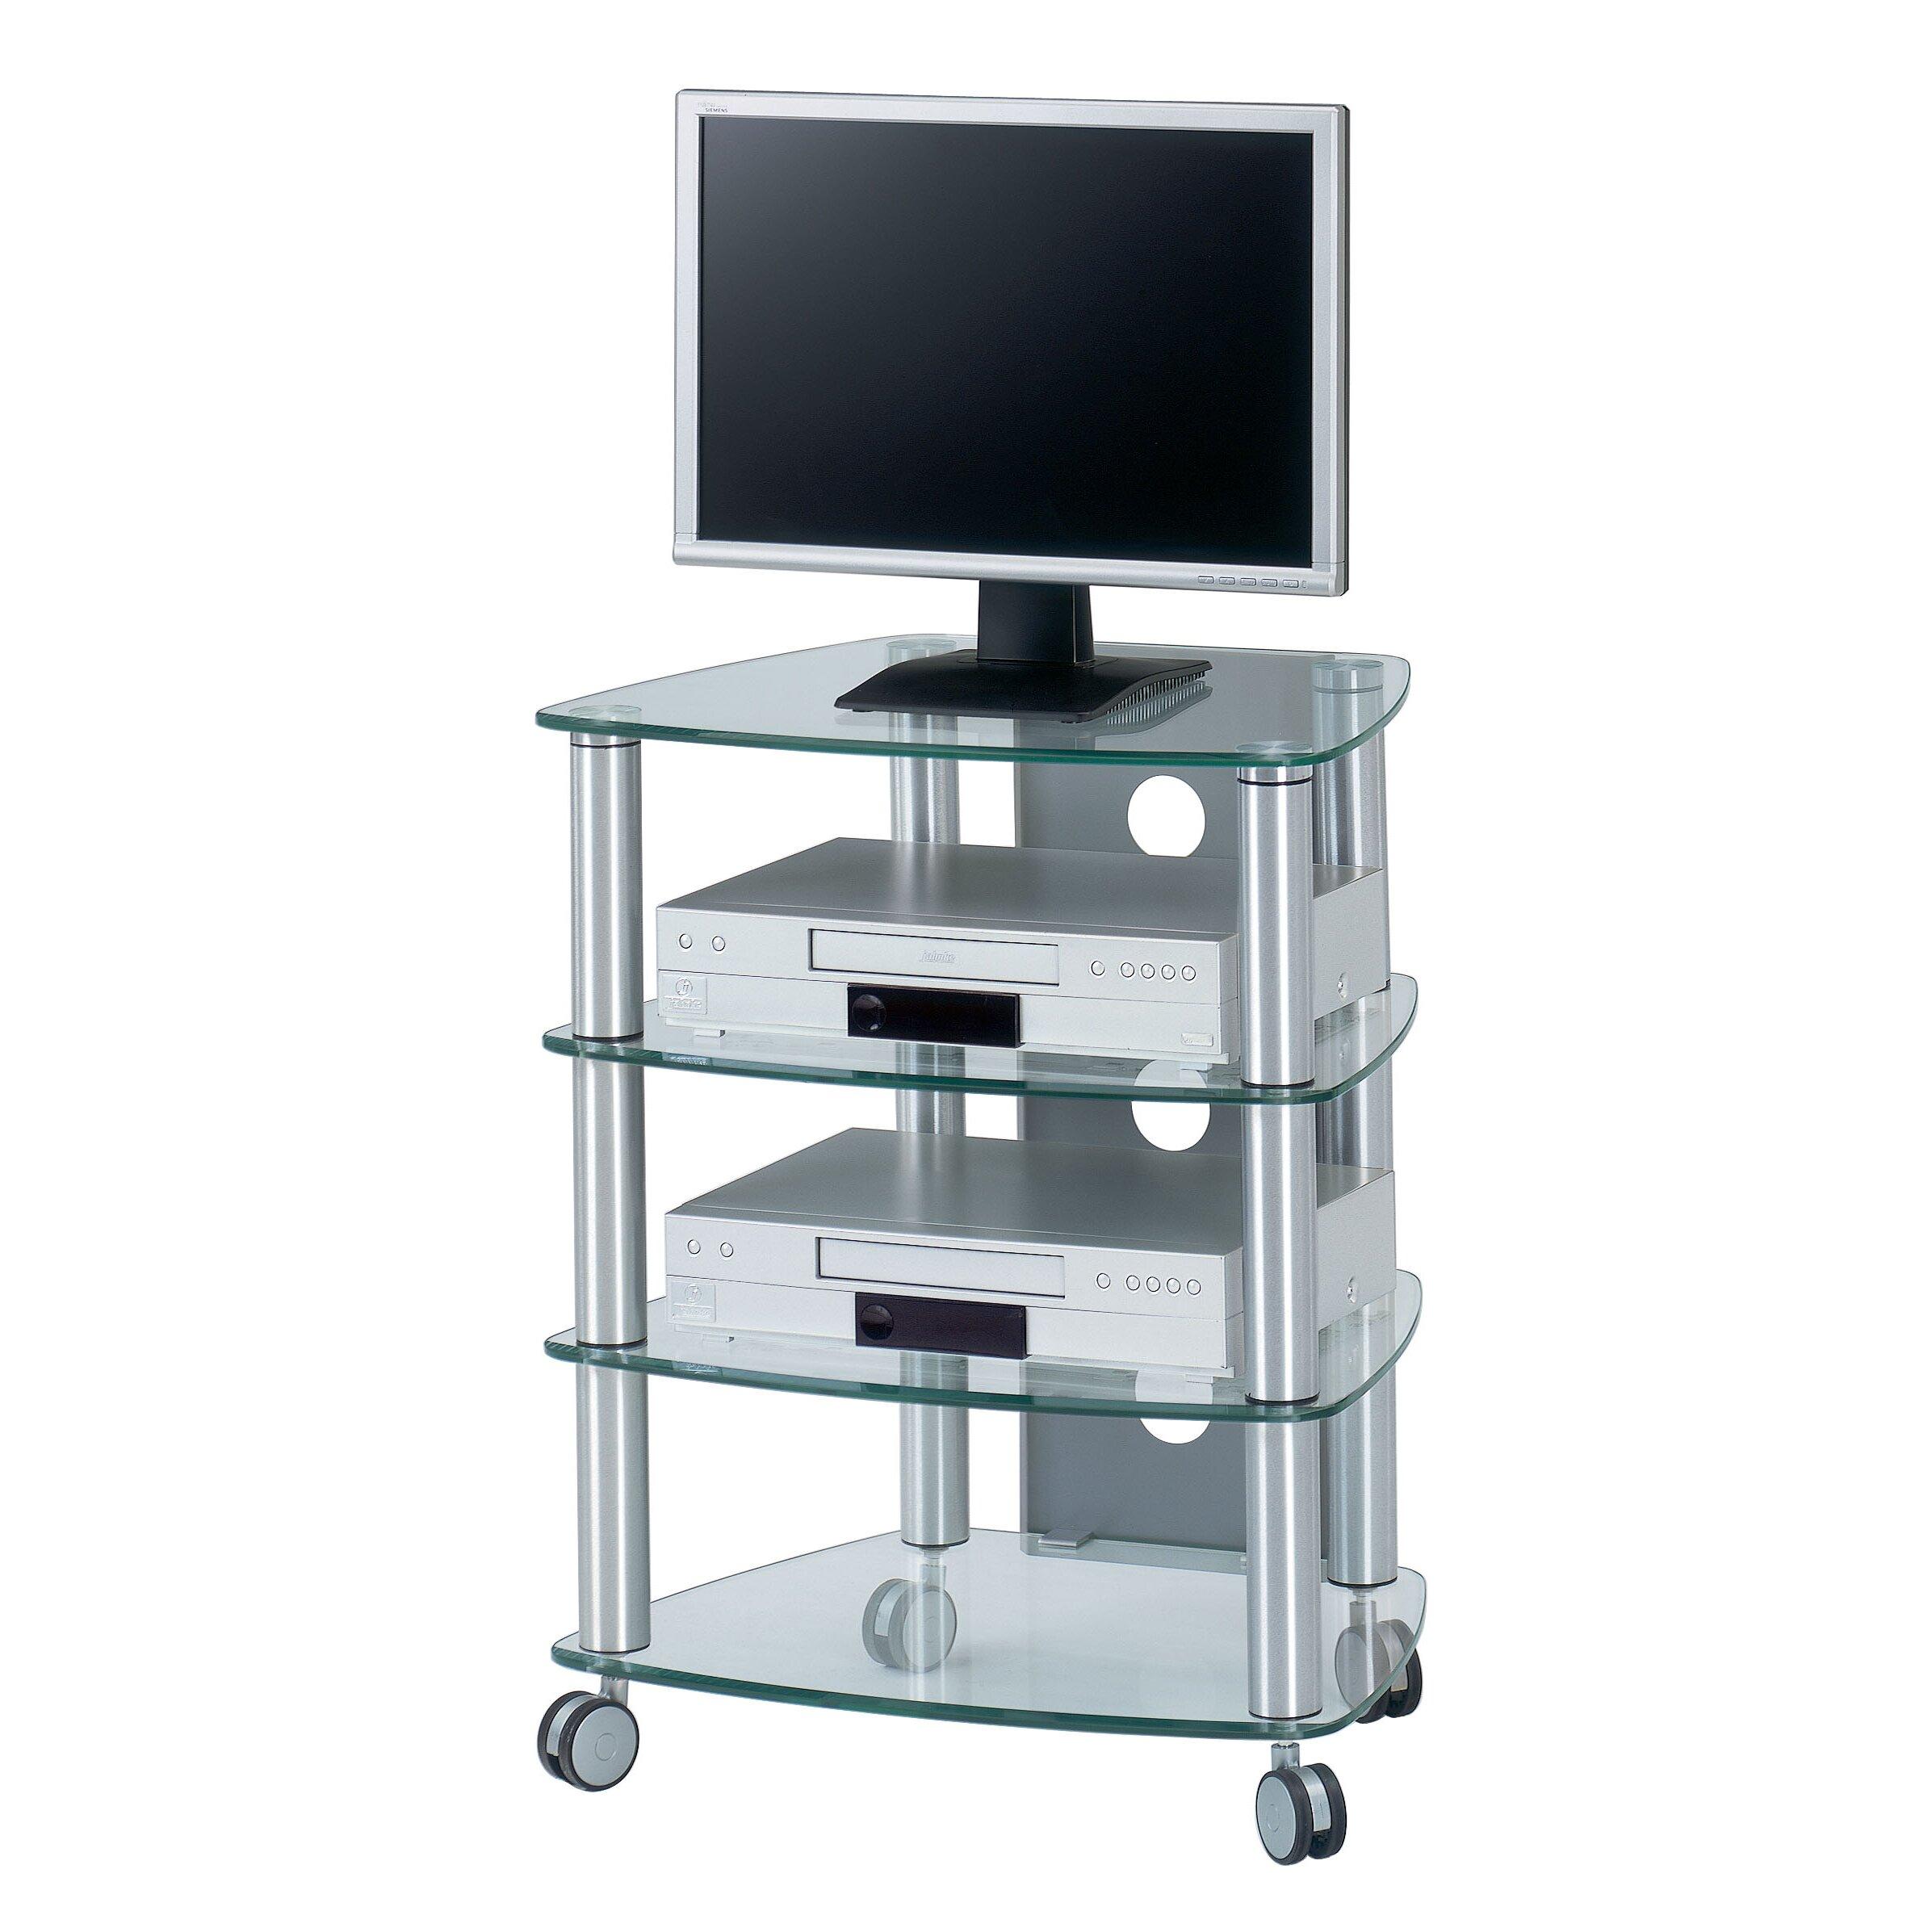 jahnke tv rack reviews von manufacturer. Black Bedroom Furniture Sets. Home Design Ideas